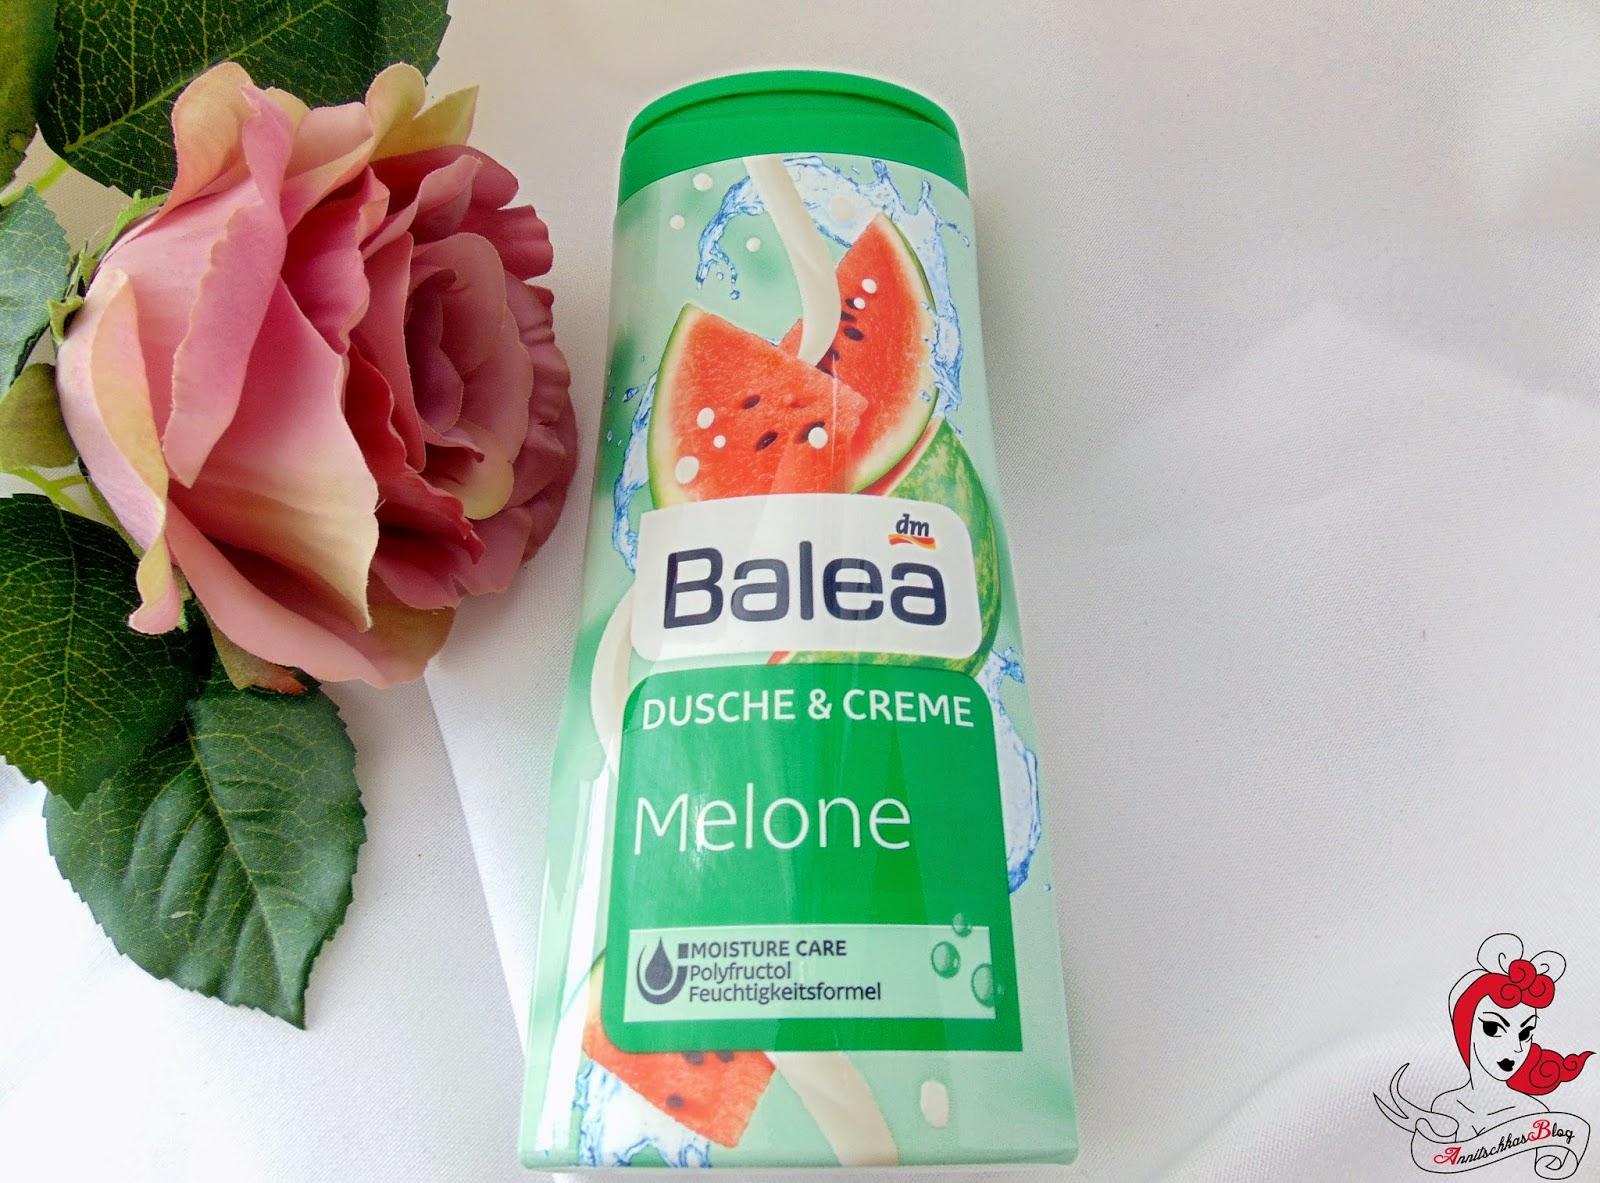 Balea - Dusche & Creme Melone - www.annitschkasblog.de